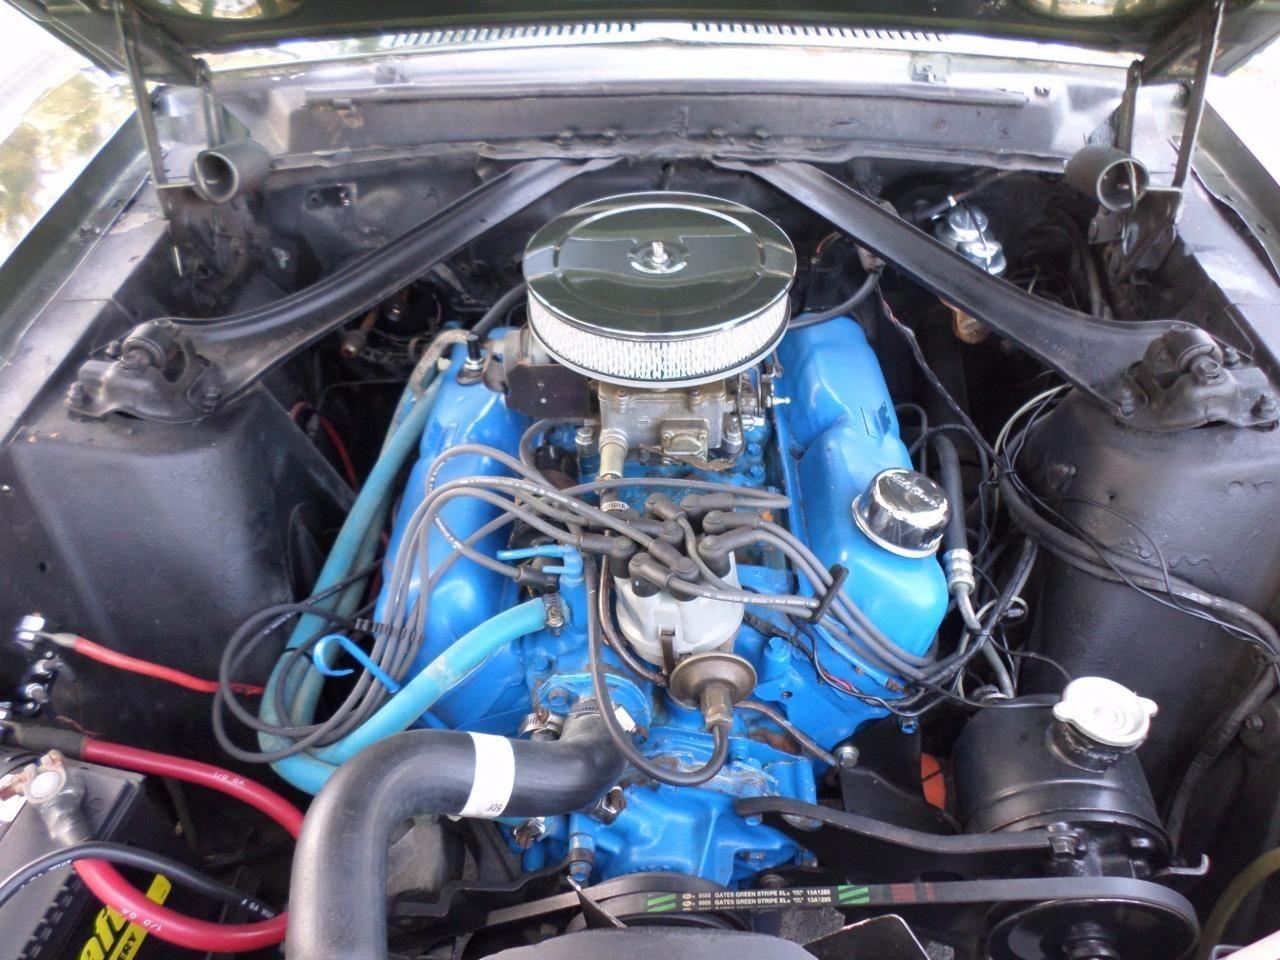 1967 Mustang 289 Engine Specs